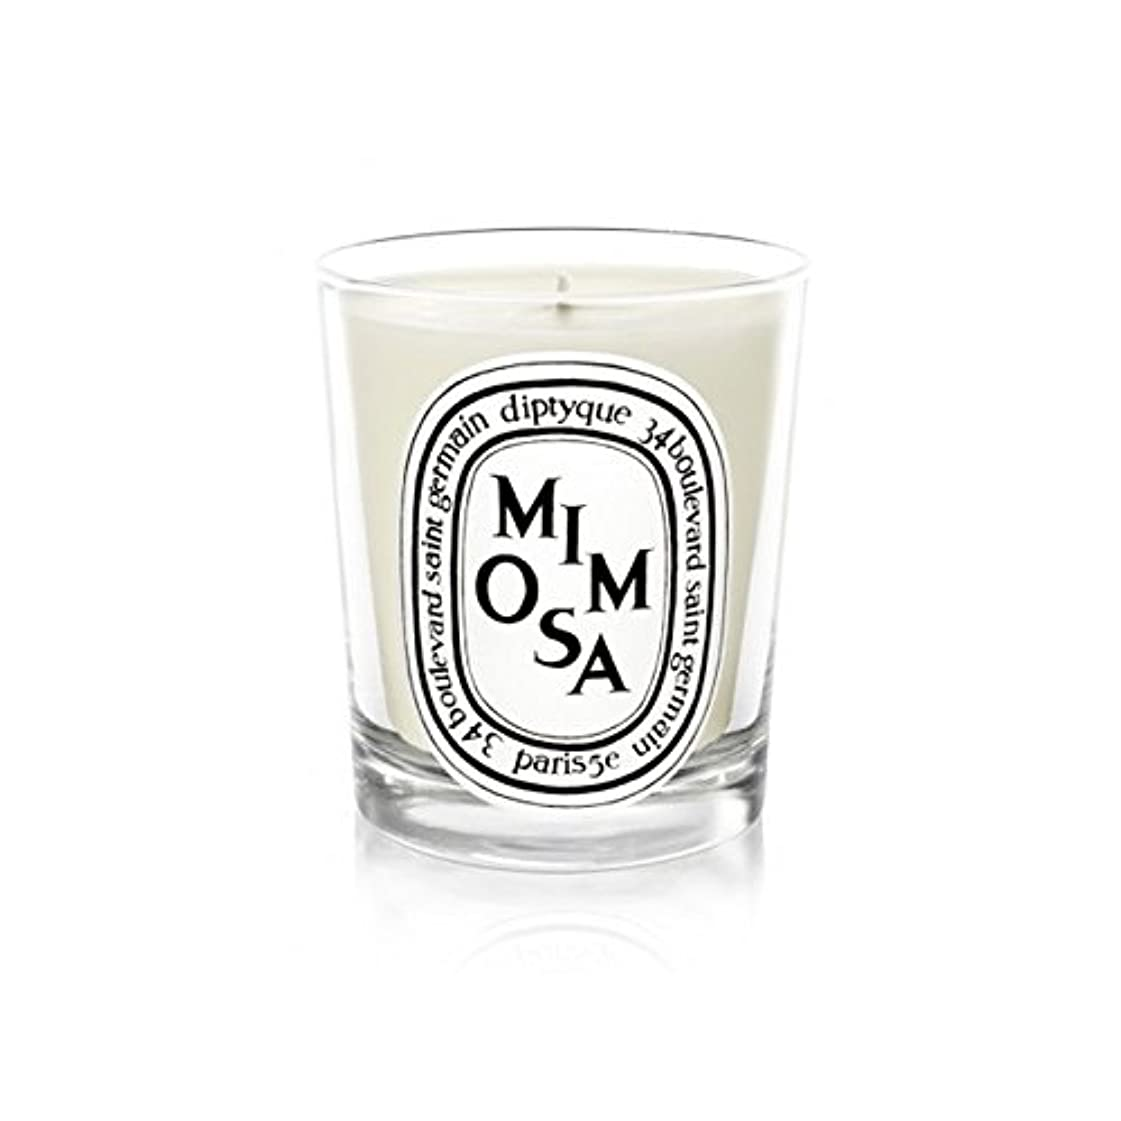 暗唱する責め昆虫Diptyqueキャンドルミモザ/ミモザ190グラム - Diptyque Candle Mimosa / Mimosa 190g (Diptyque) [並行輸入品]